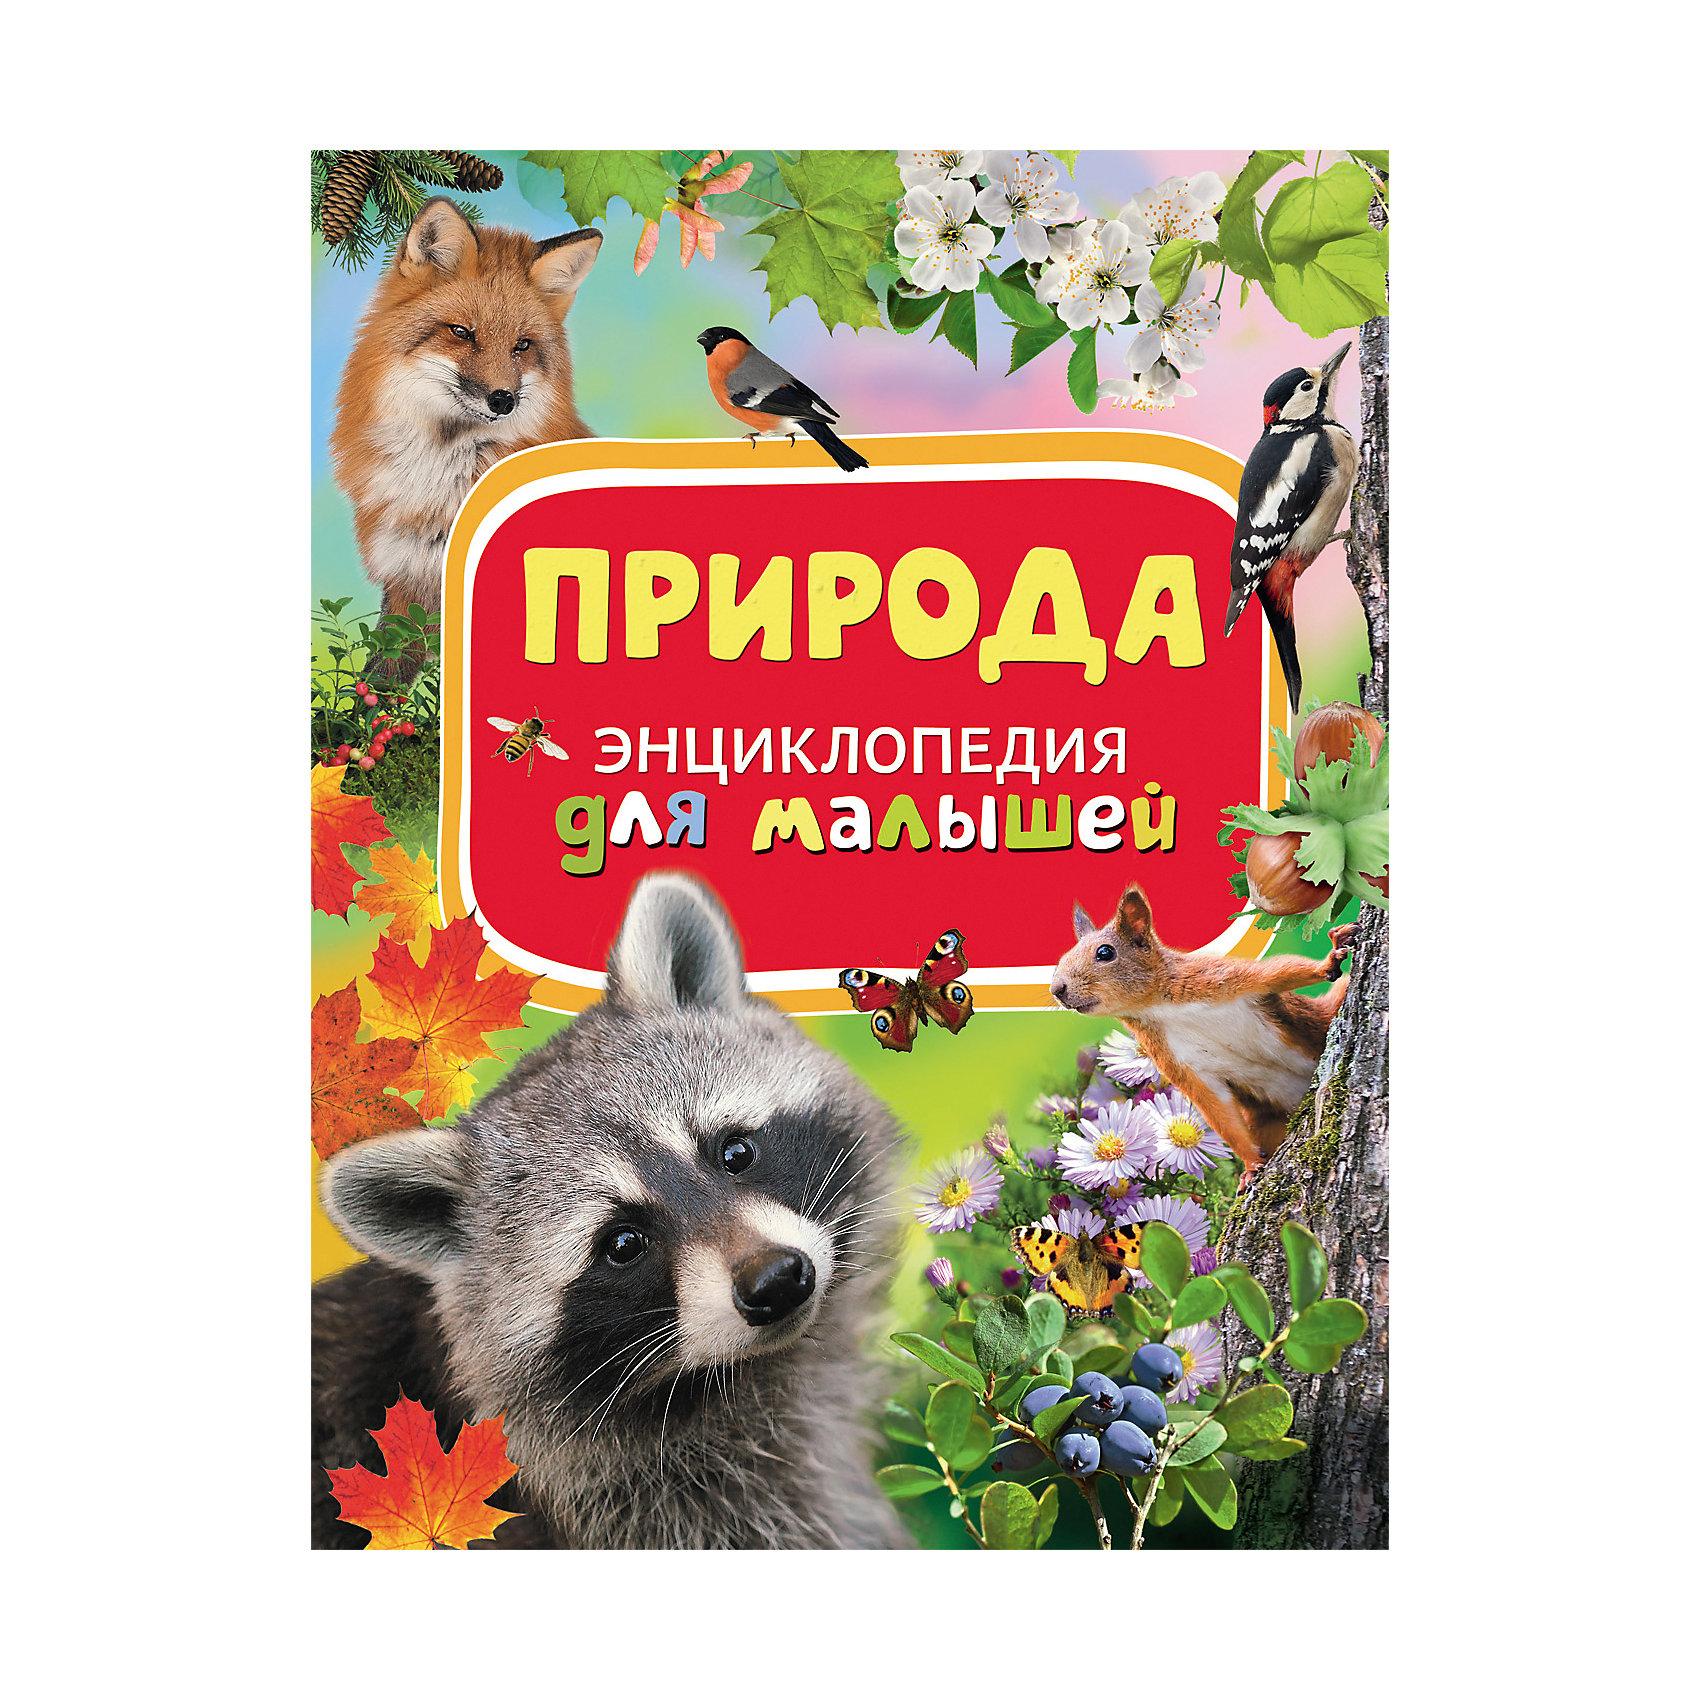 Природа, Энциклопедия для малышейЭнциклопедии для малышей<br>Характеристики товара:<br><br>- цвет: разноцветный;<br>- материал: бумага;<br>- страниц: 88;<br>- формат: 22 х 29 см;<br>- обложка: твердая;<br>- цветные иллюстрации.<br><br>Эта интересная книга с иллюстрациями станет отличным подарком для ребенка. Она содержит в себе ответы на вопросы, которые интересуют малышей. Всё представлено в очень простой форме! Талантливый иллюстратор дополнил книгу качественными рисунками, которые помогают ребенку понять суть многих вещей в нашем мире. Удивительные и интересные факты помогут привить любовь к учебе!<br>Чтение - отличный способ активизации мышления, оно помогает ребенку развивать зрительную память, концентрацию внимания и воображение. Издание произведено из качественных материалов, которые безопасны даже для самых маленьких.<br><br>Книгу Природа, Энциклопедия для малышей  от компании Росмэн можно купить в нашем интернет-магазине.<br><br>Ширина мм: 282<br>Глубина мм: 217<br>Высота мм: 10<br>Вес г: 478<br>Возраст от месяцев: 36<br>Возраст до месяцев: 72<br>Пол: Унисекс<br>Возраст: Детский<br>SKU: 5110002